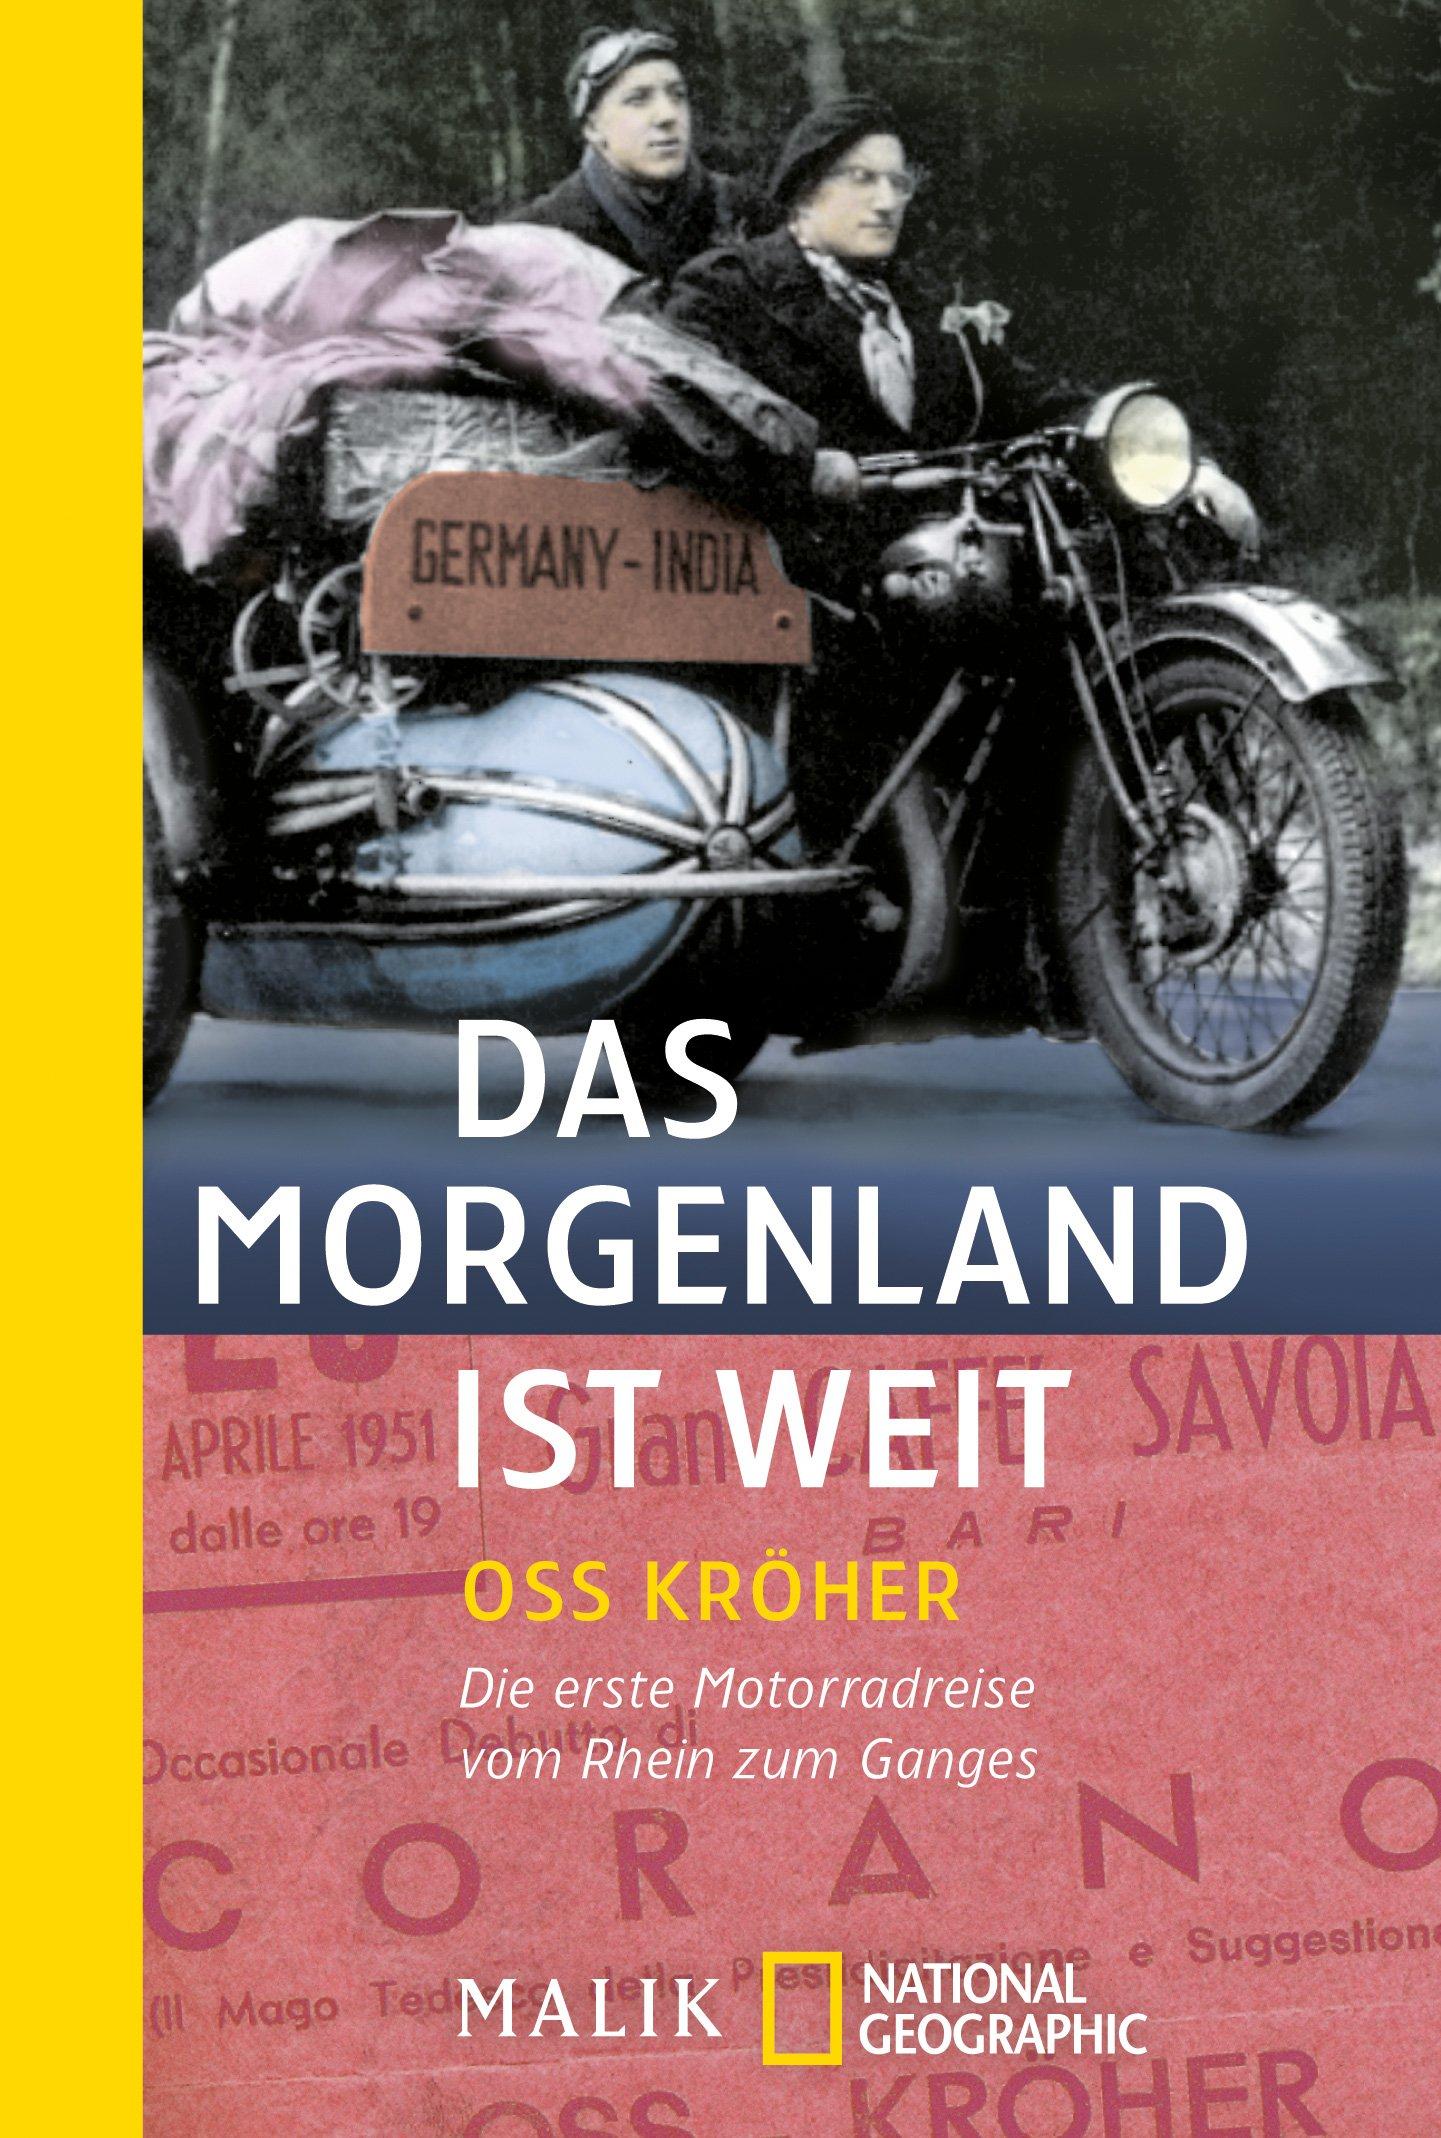 Das Morgenland ist weit: Die erste Motorradreise vom Rhein zum Ganges (National Geographic Taschenbuch, Band 40165)